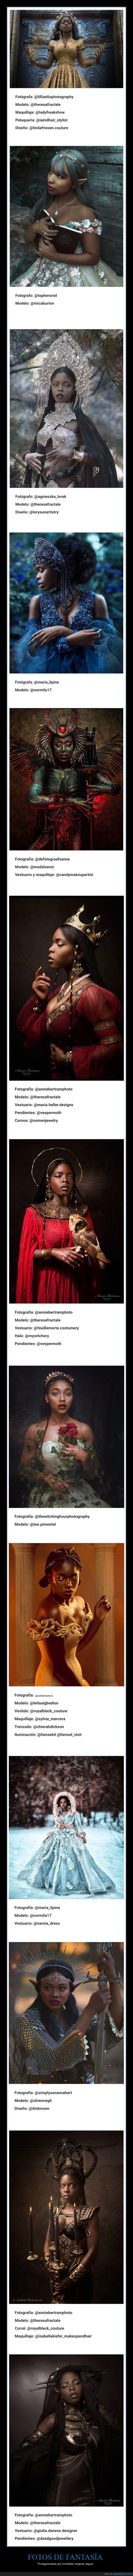 fantasía,fotografía,mujeres negras